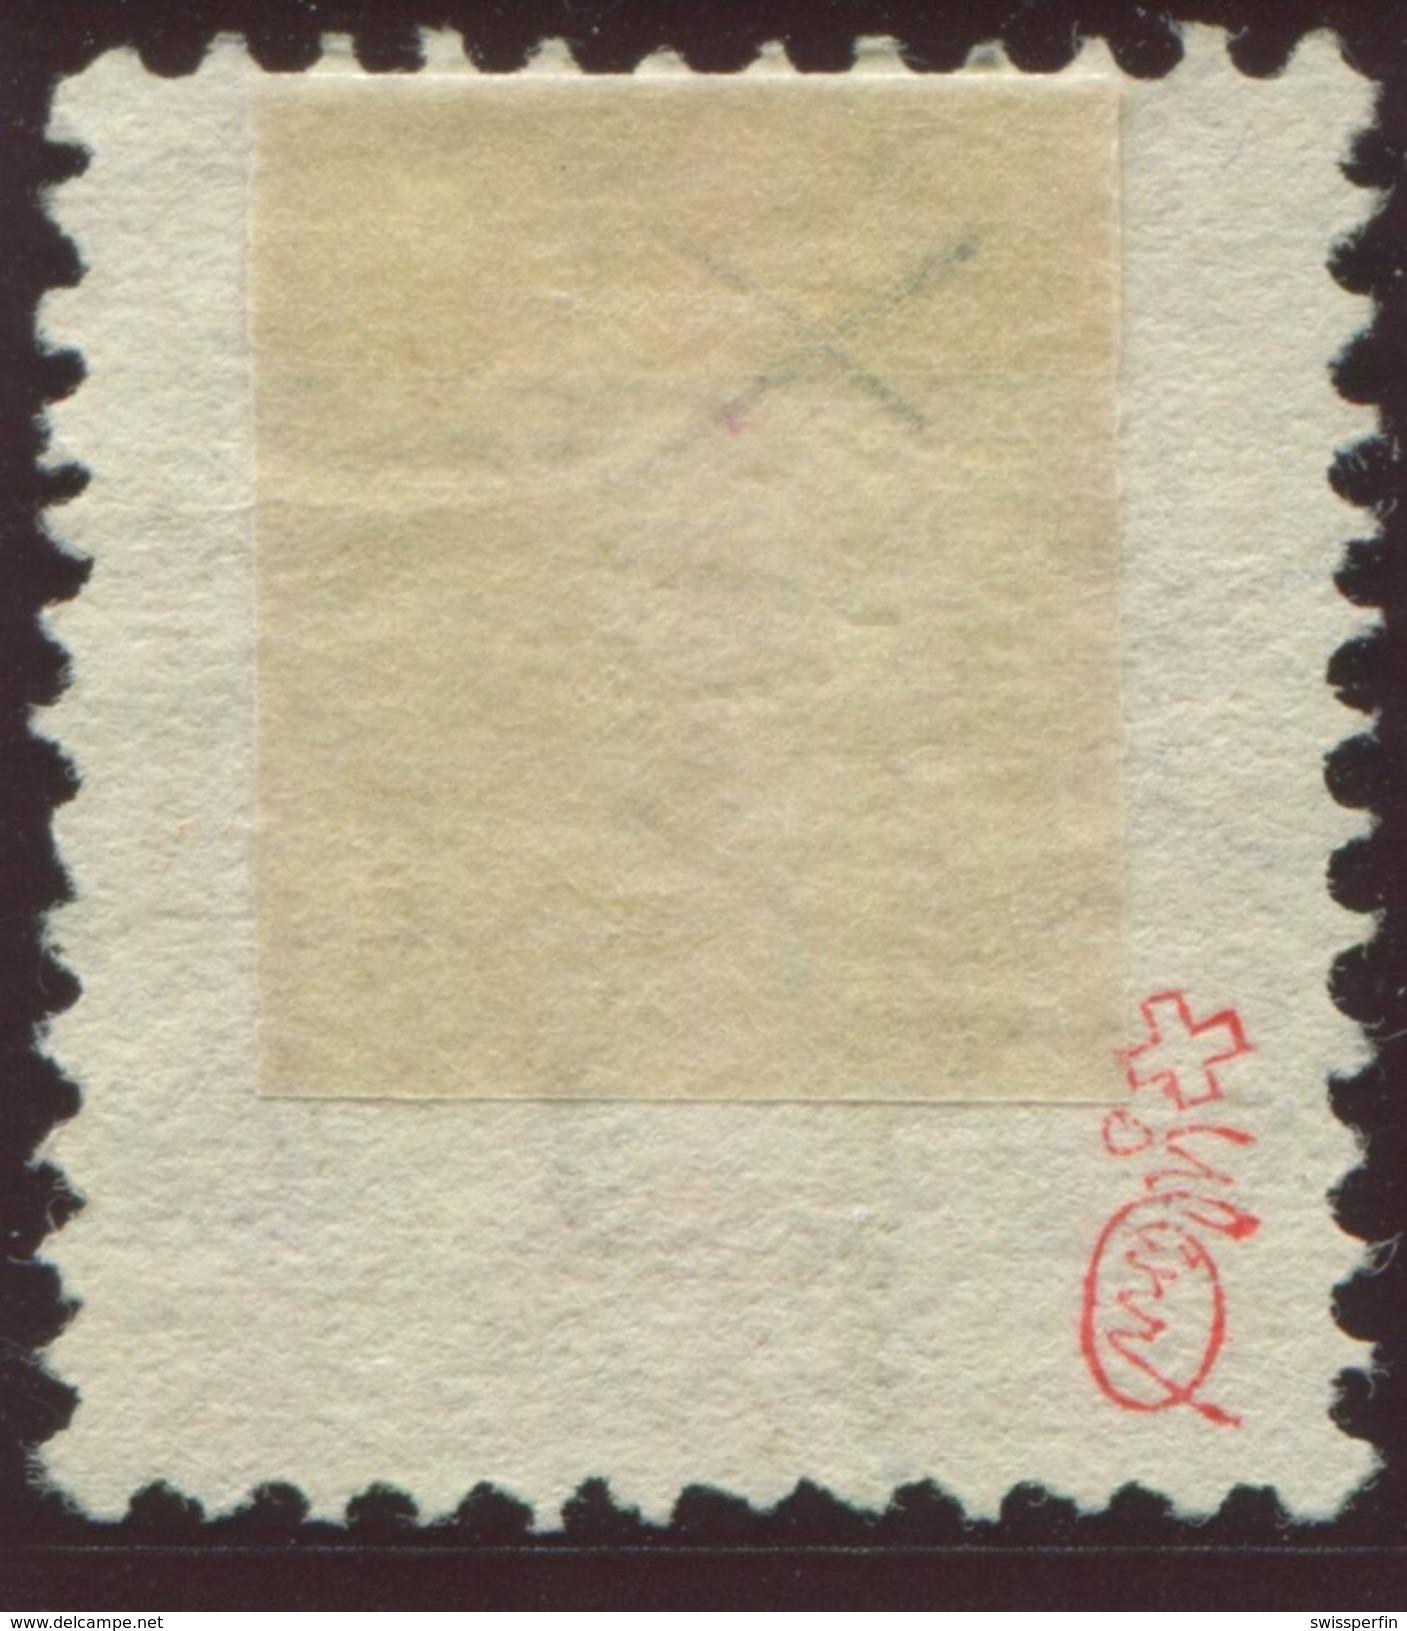 1654 -  3 Fr. Stehende Helvetia Mit Retusche - Marke Signiert Moser Und Mit Attest Renggli - Oblitérés